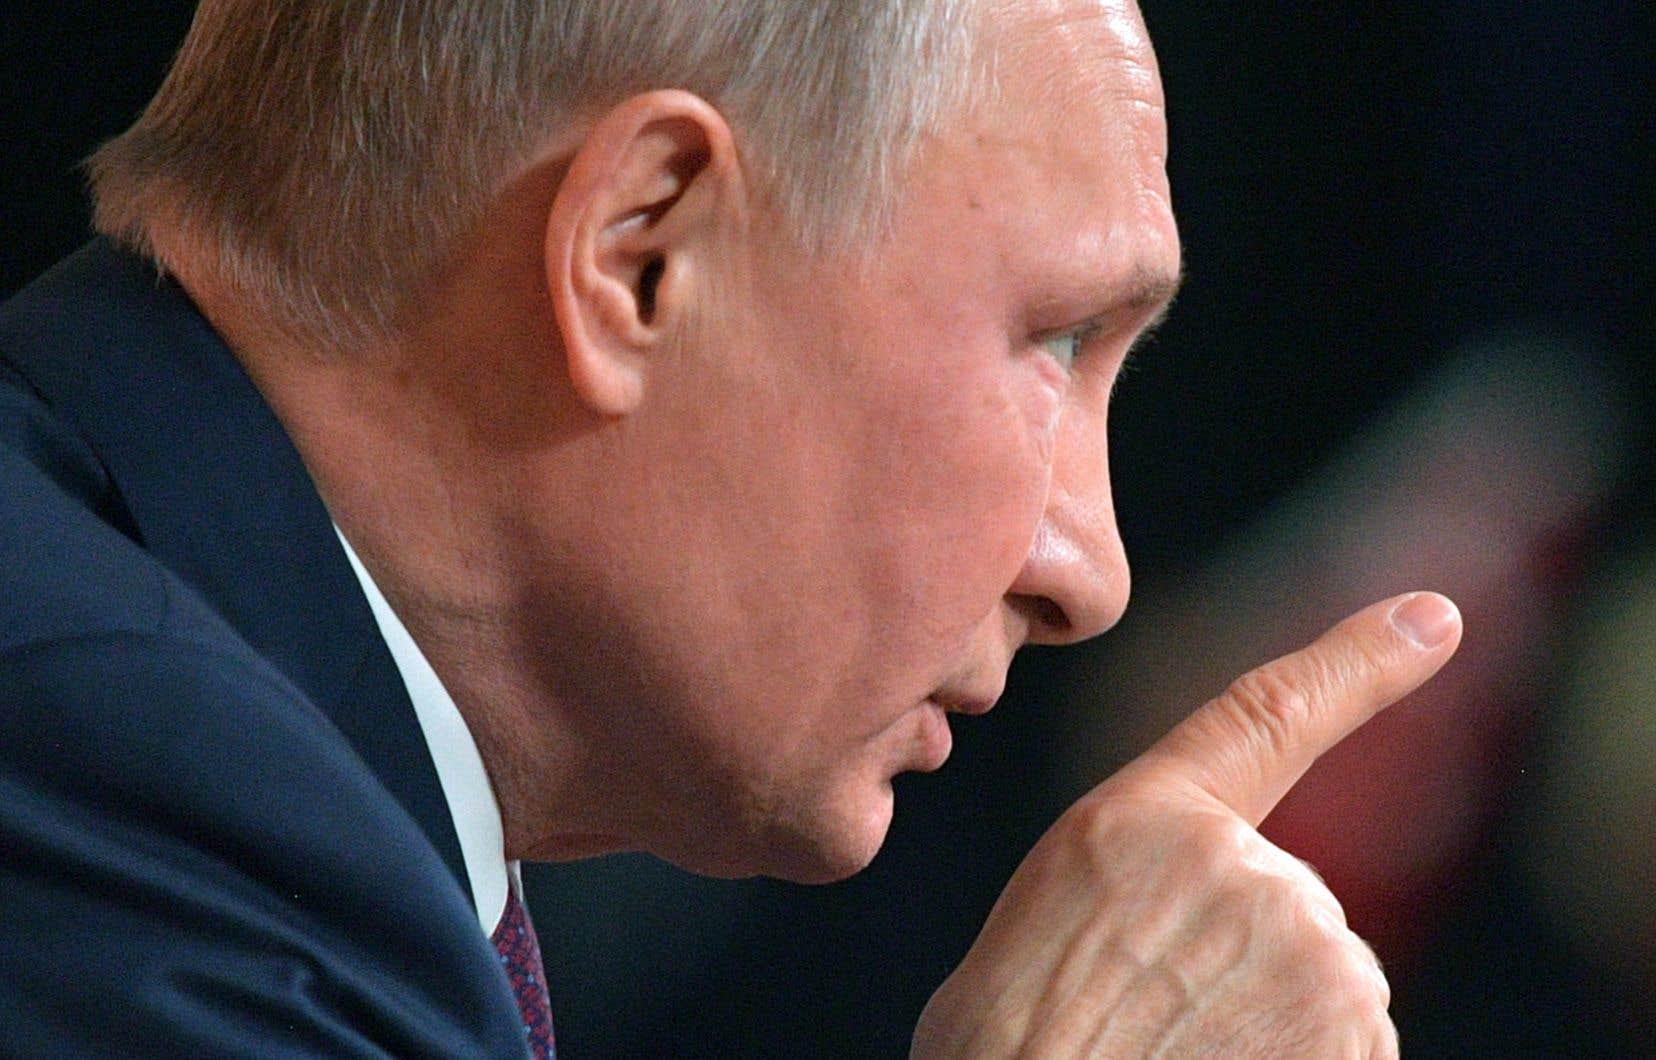 Le président russe, Vladimir Poutine, nie toujours que que son pays a été impliqué dans un système de dopage institutionnalisé.